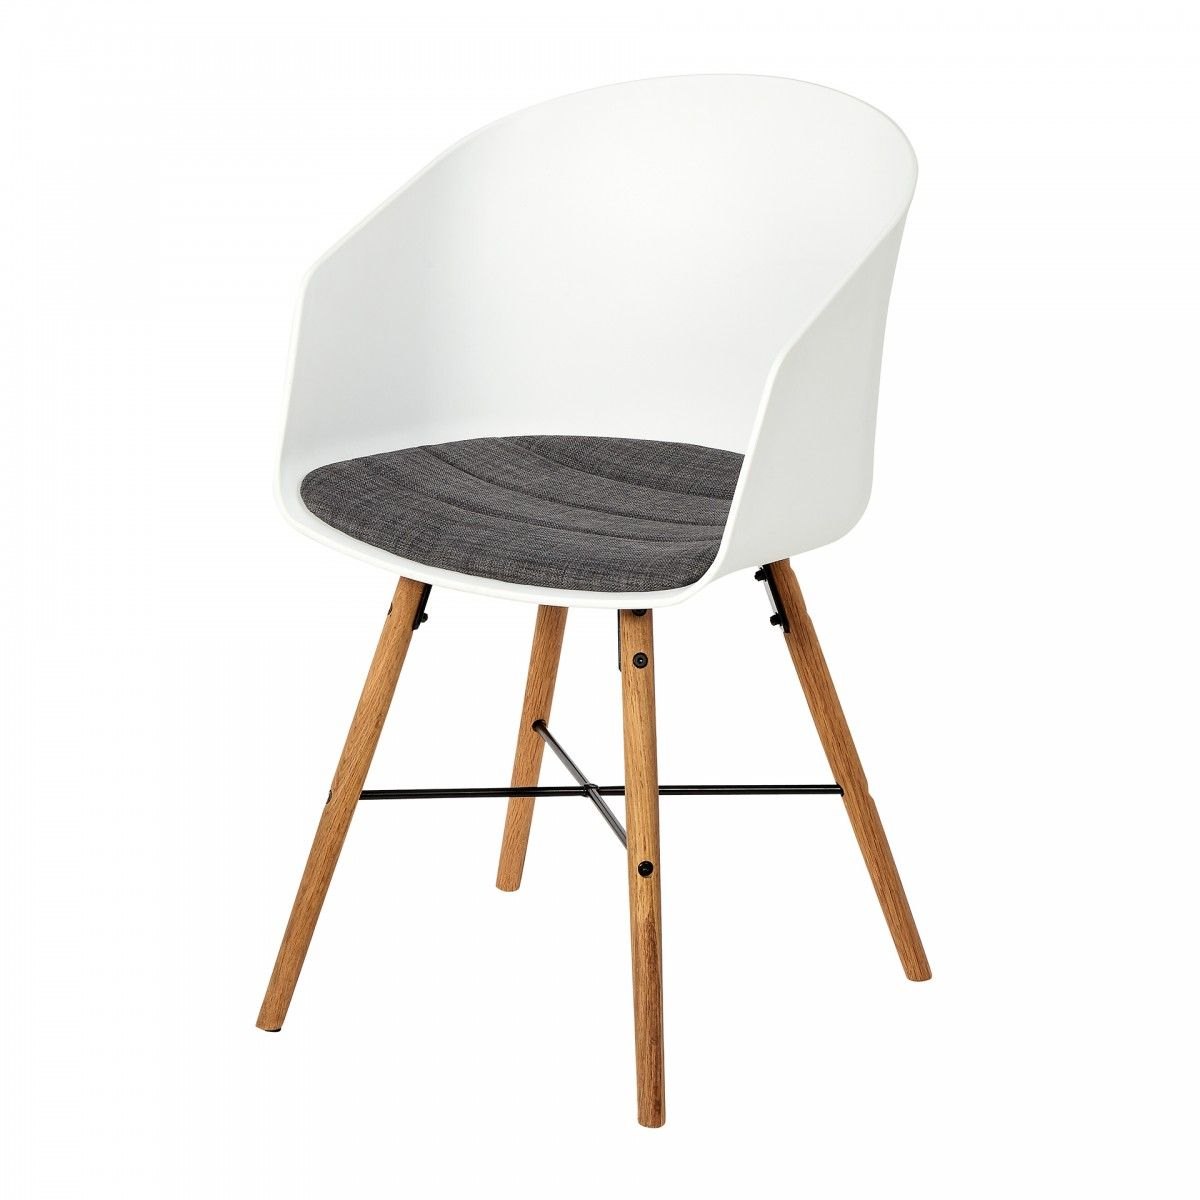 Bonita silla en look retro. Confortable, acolchada. Patas de roble ...